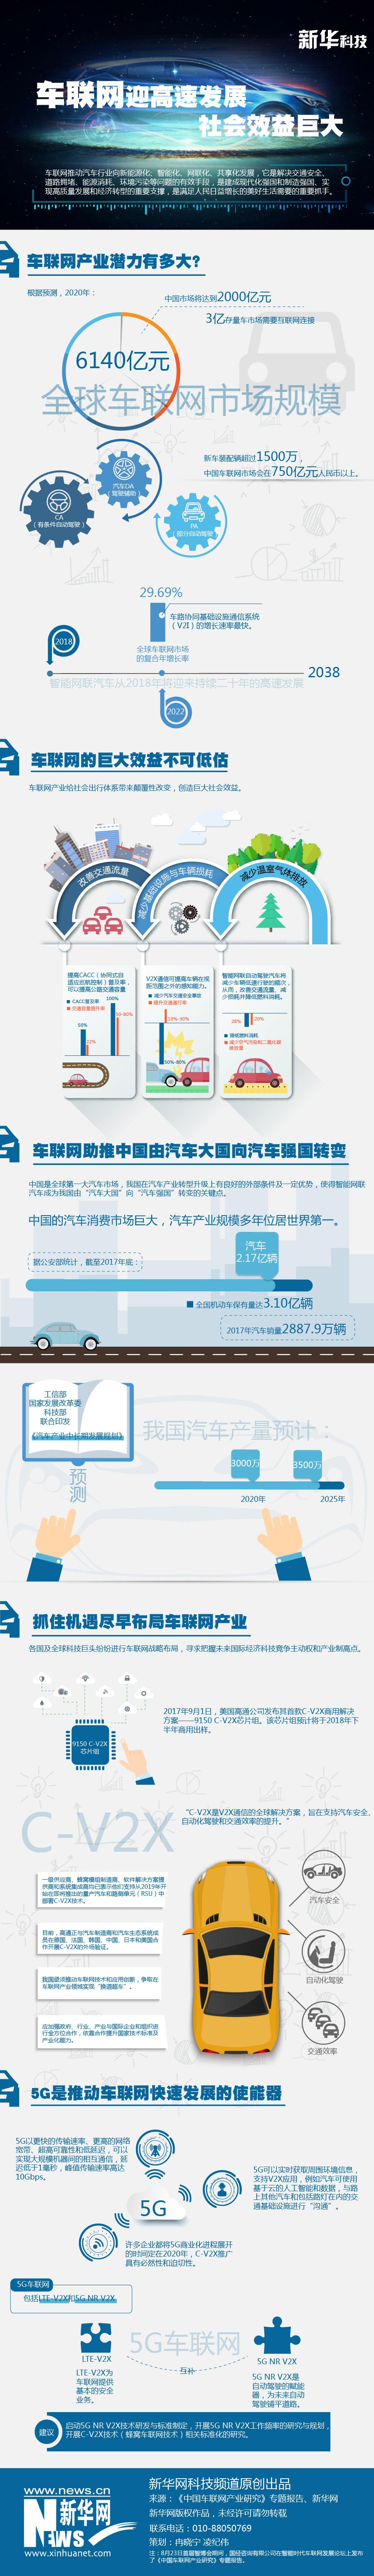 车联网迎高速发展 社会效益巨大